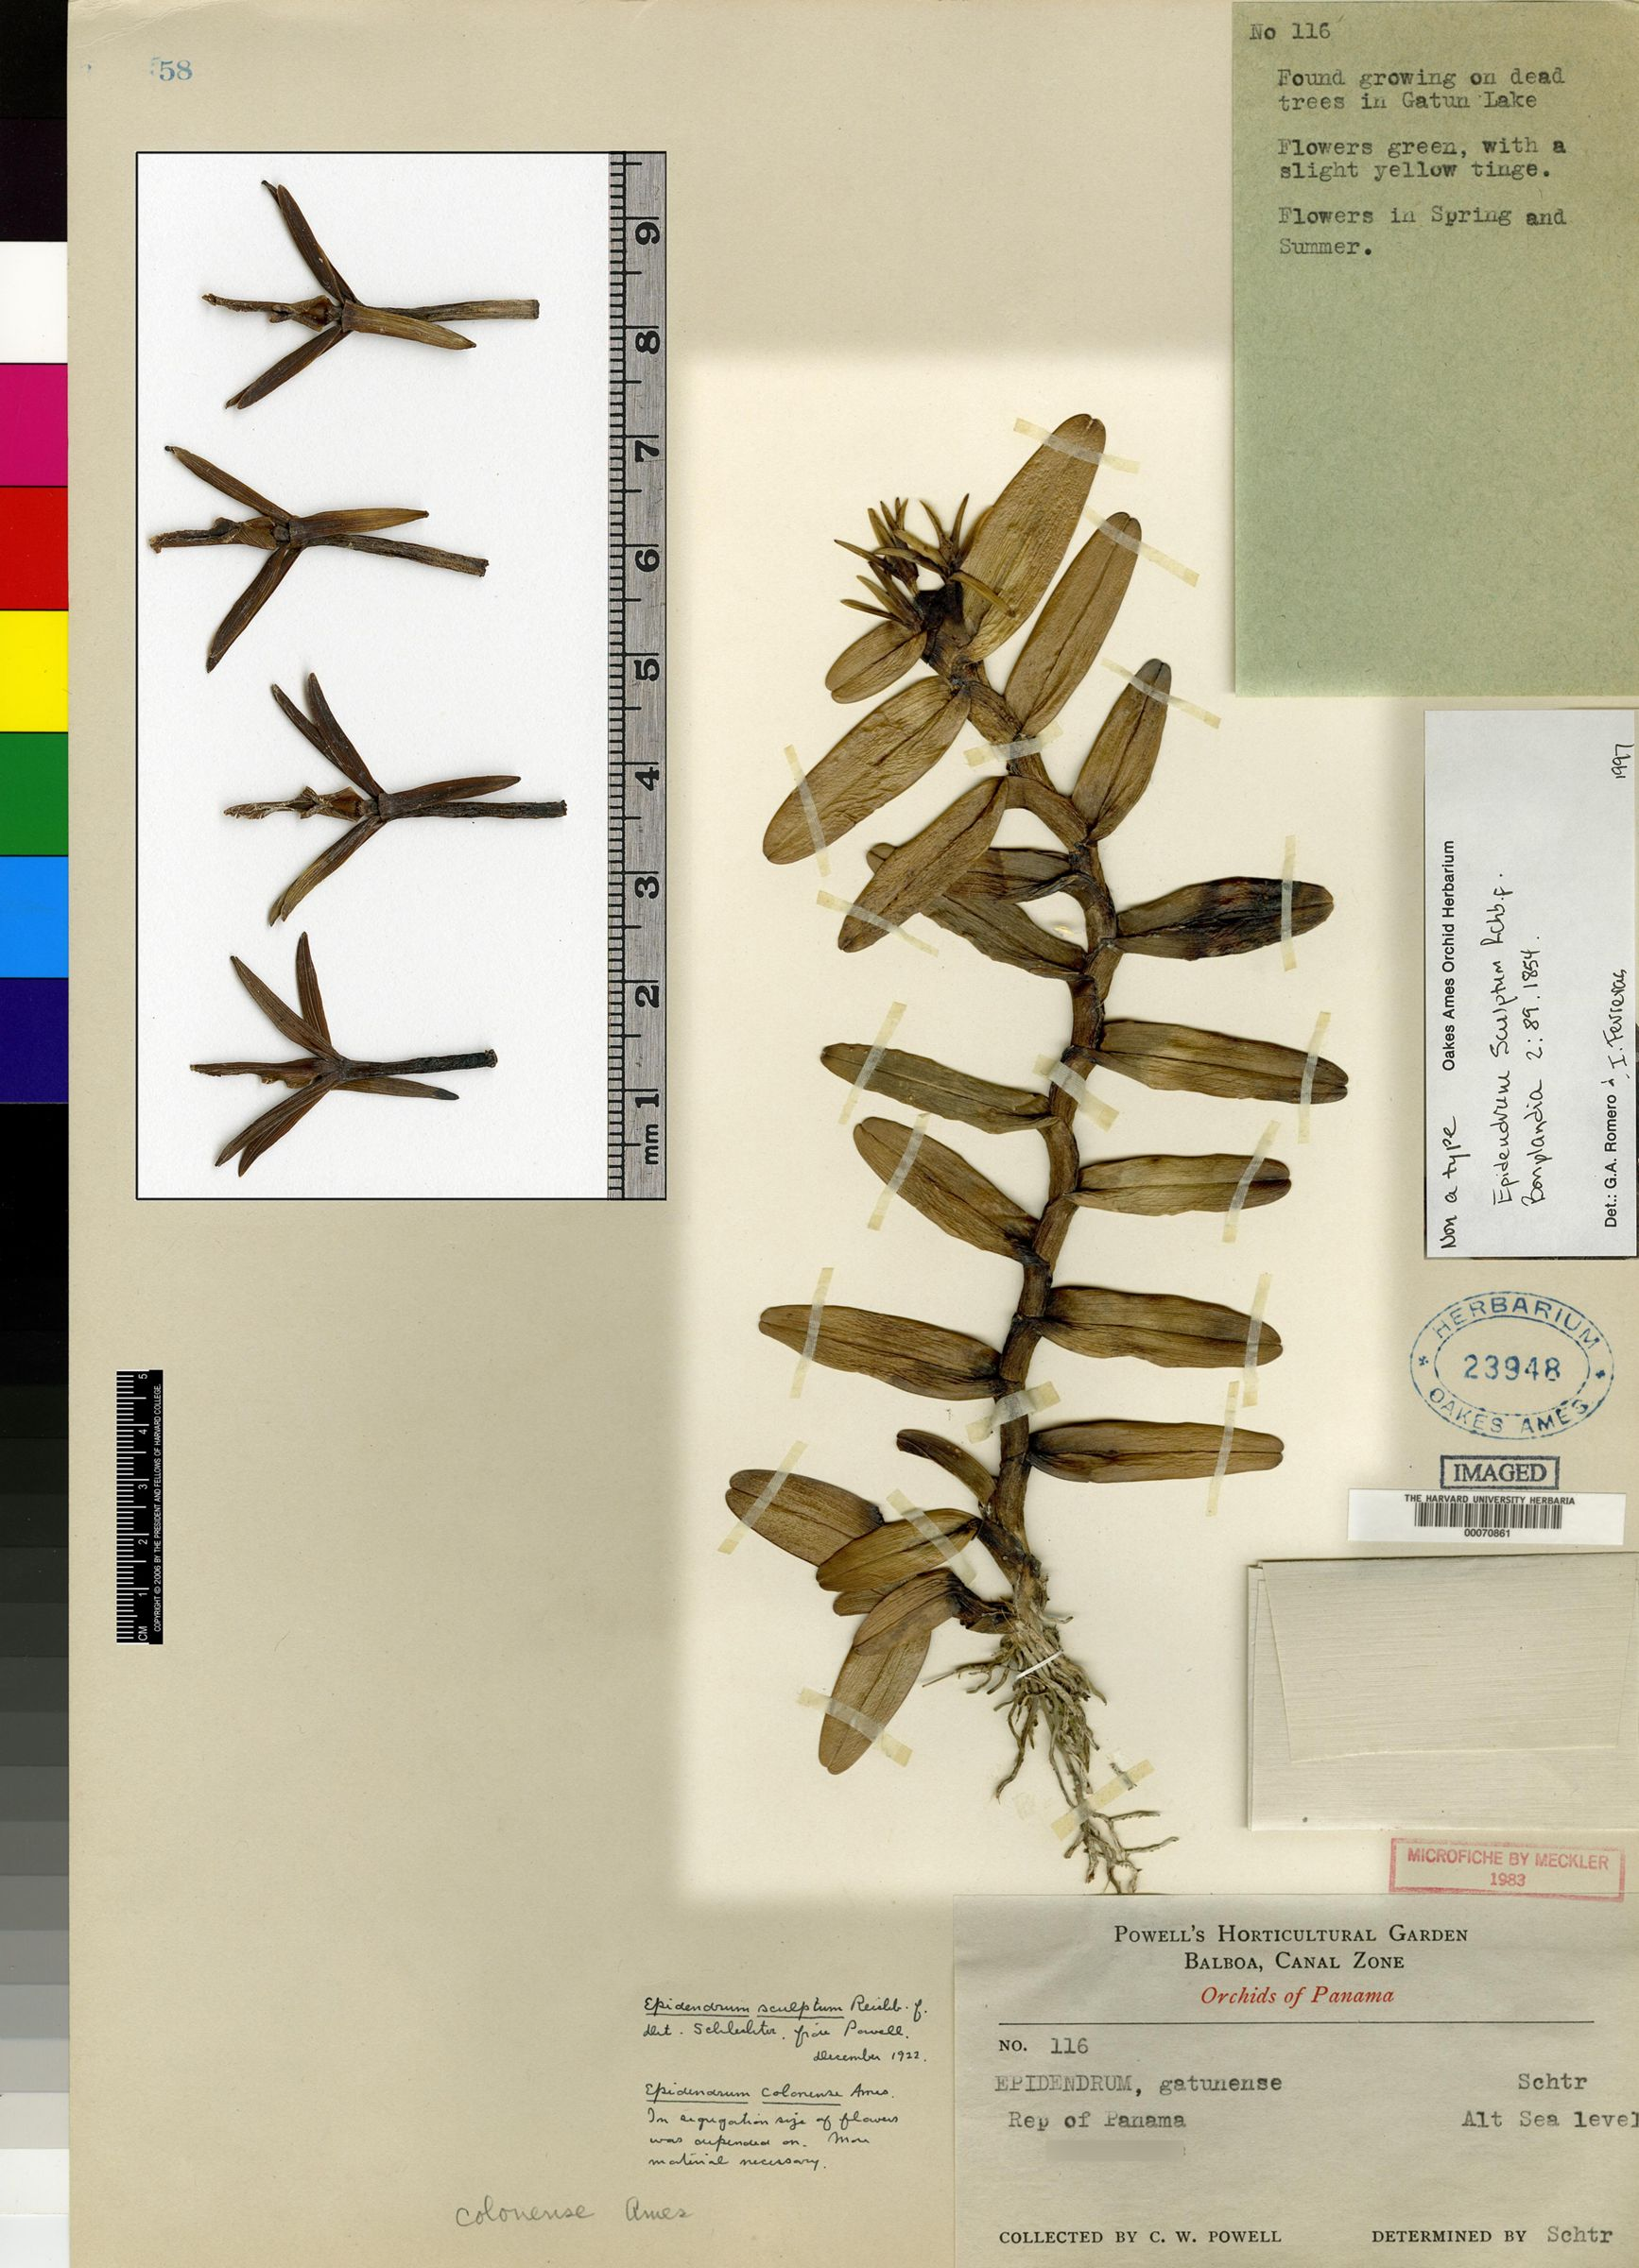 Epidendrum sculptum image